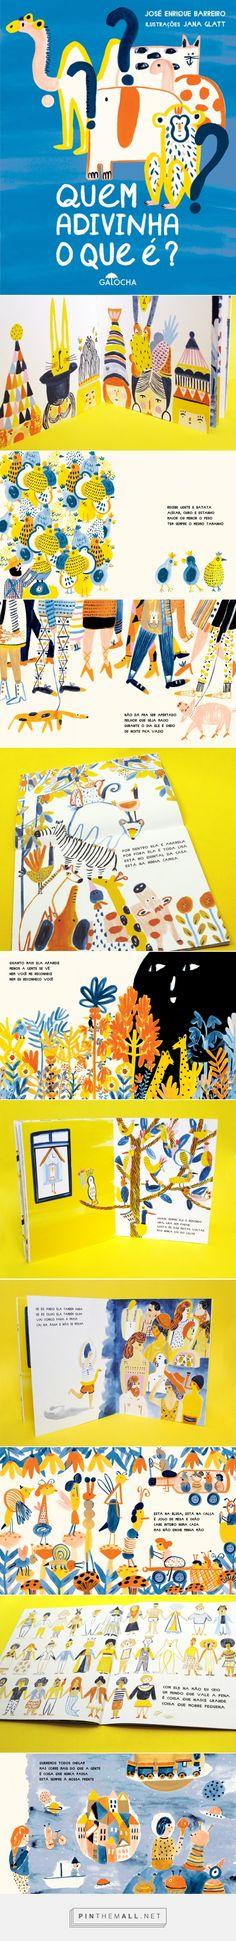 «Quem adivinha o que é?» | Ilustrações Jana Glatt